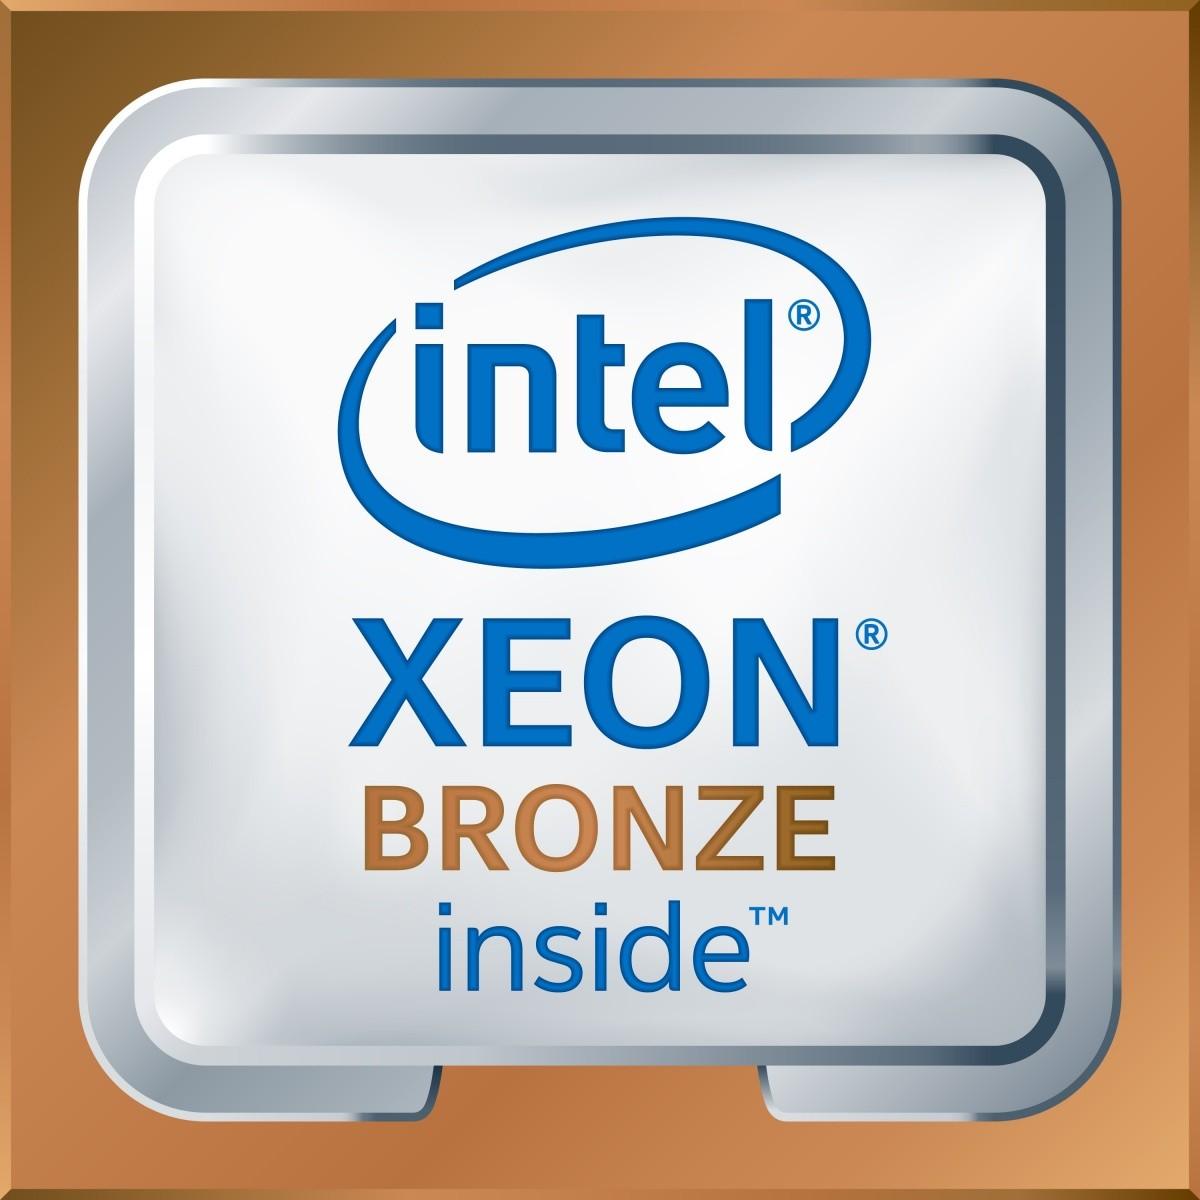 Xeon bronze 3104, 6C, 1.7 GHz, 8.25M cache, DDR4 up to 2133 Mhz, 85W TDP